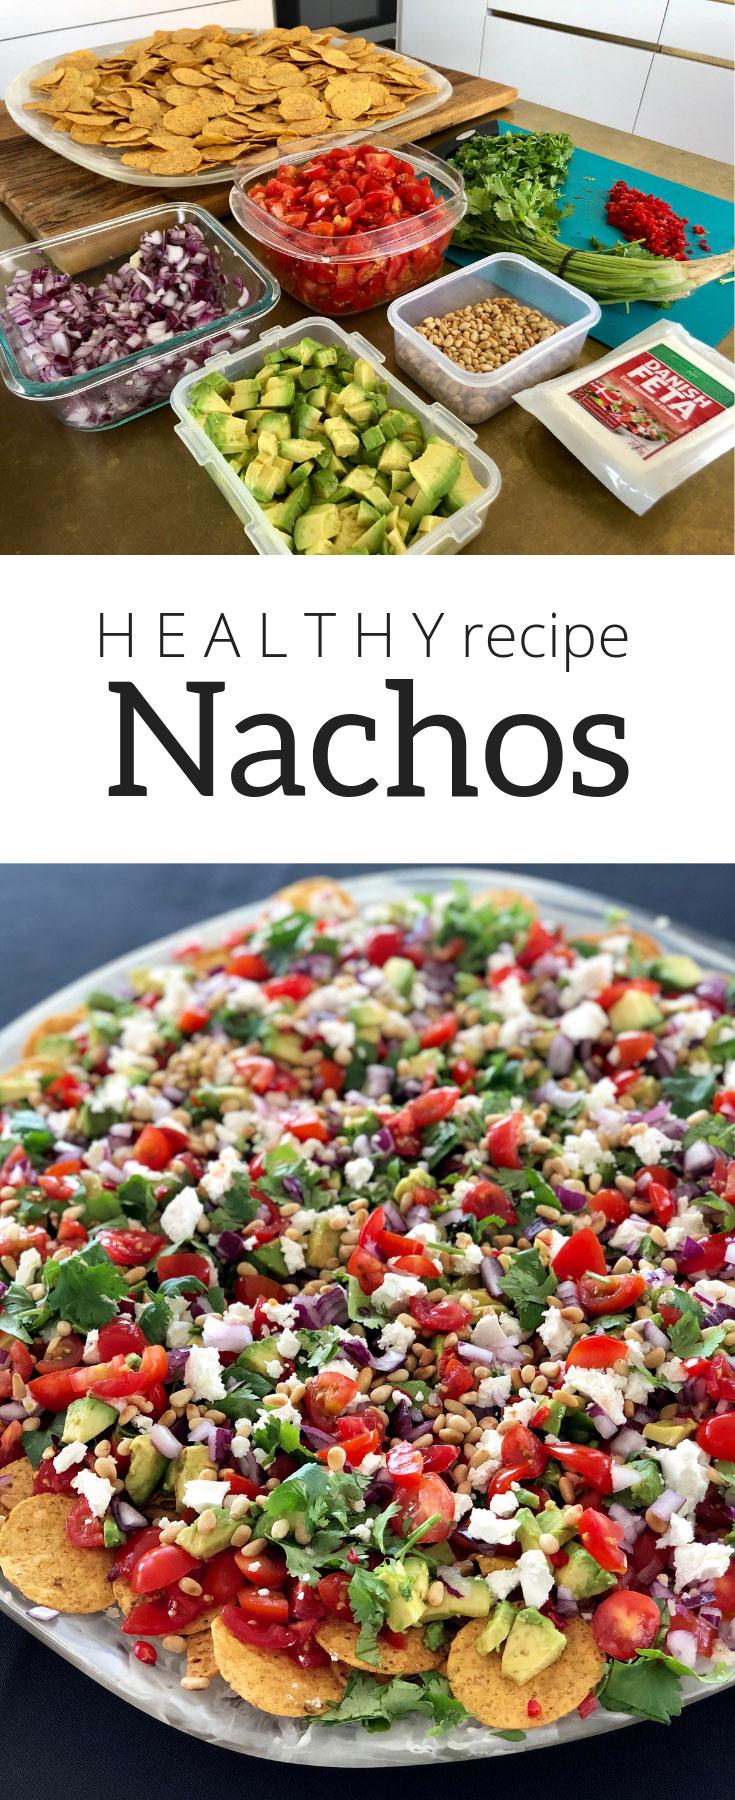 Healthy+Nachos+Recipe+-+Lyndi+Cohen.jpg